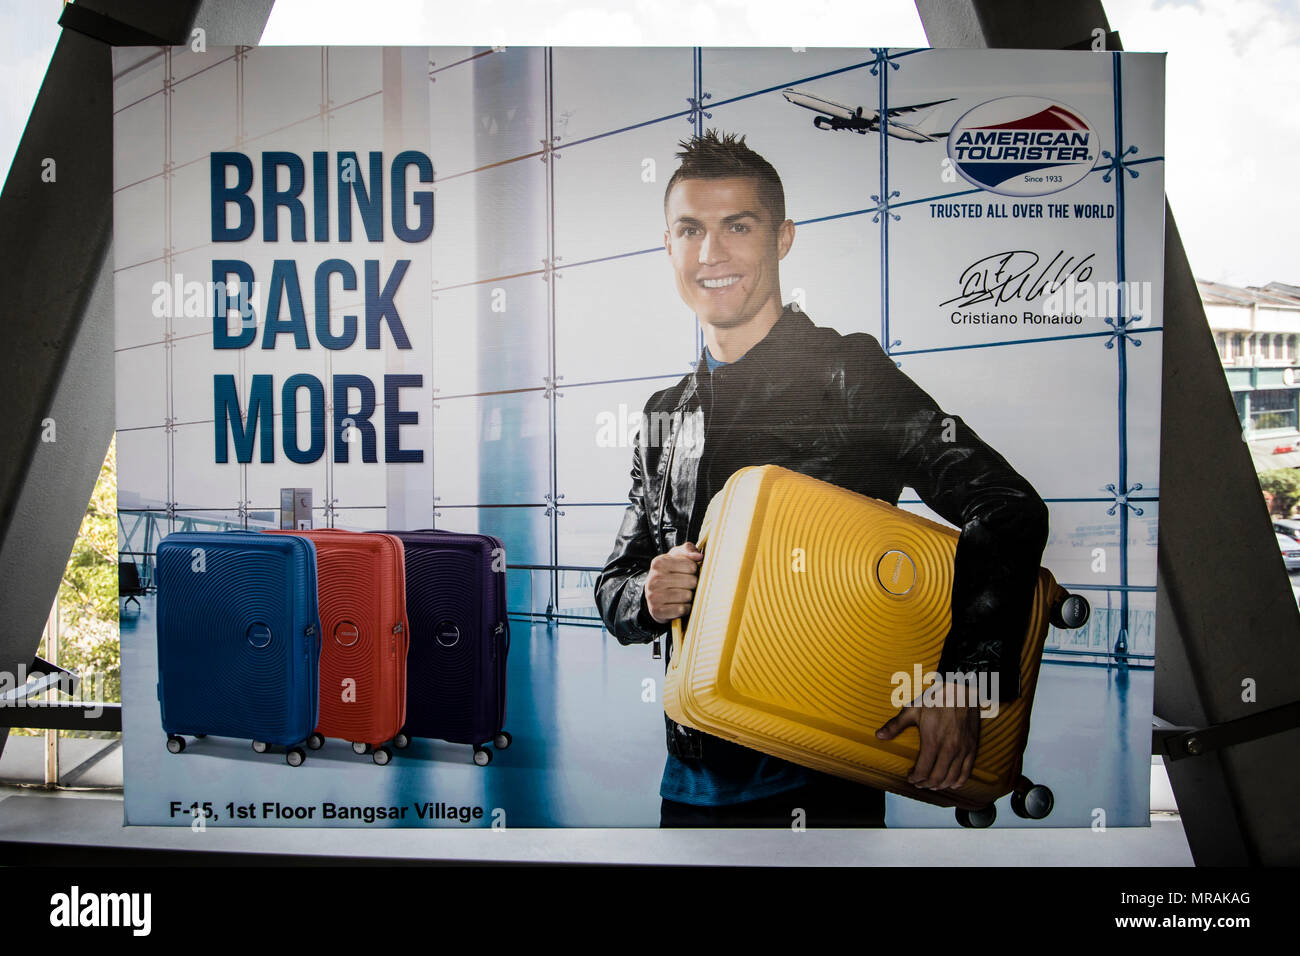 dd25960159 Kuala Lumpur, Malaisie. 26 mai, 2018. Le célèbre joueur de Cristiano Ronaldo  publicité pour American Tourister valise bagages ...